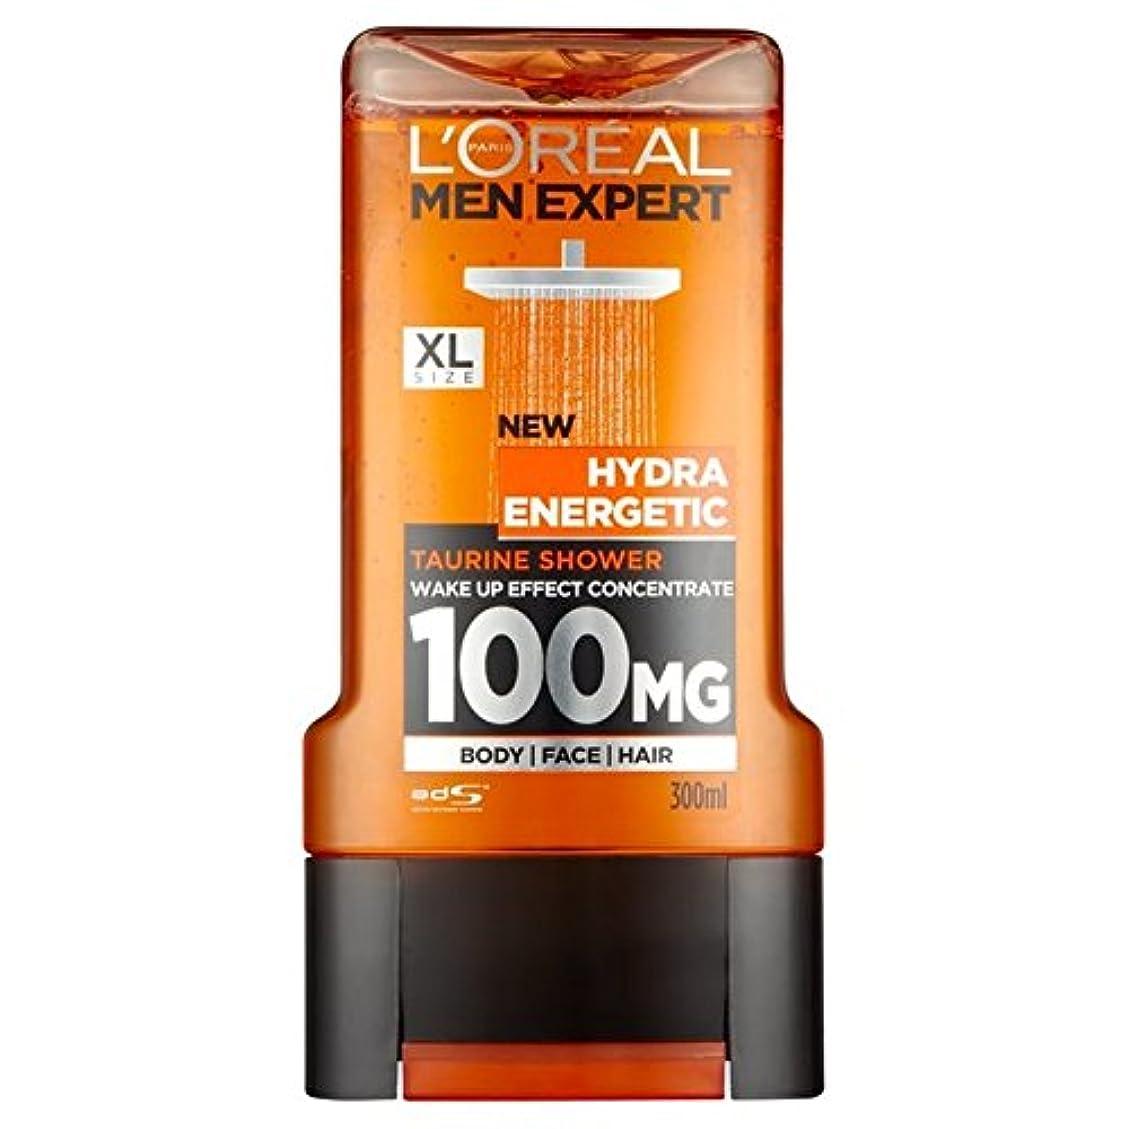 ただやるこれらハウジングロレアルパリのメンズ専門家ヒドラエネルギッシュなシャワージェル300ミリリットル x4 - L'Oreal Paris Men Expert Hydra Energetic Shower Gel 300ml (Pack...